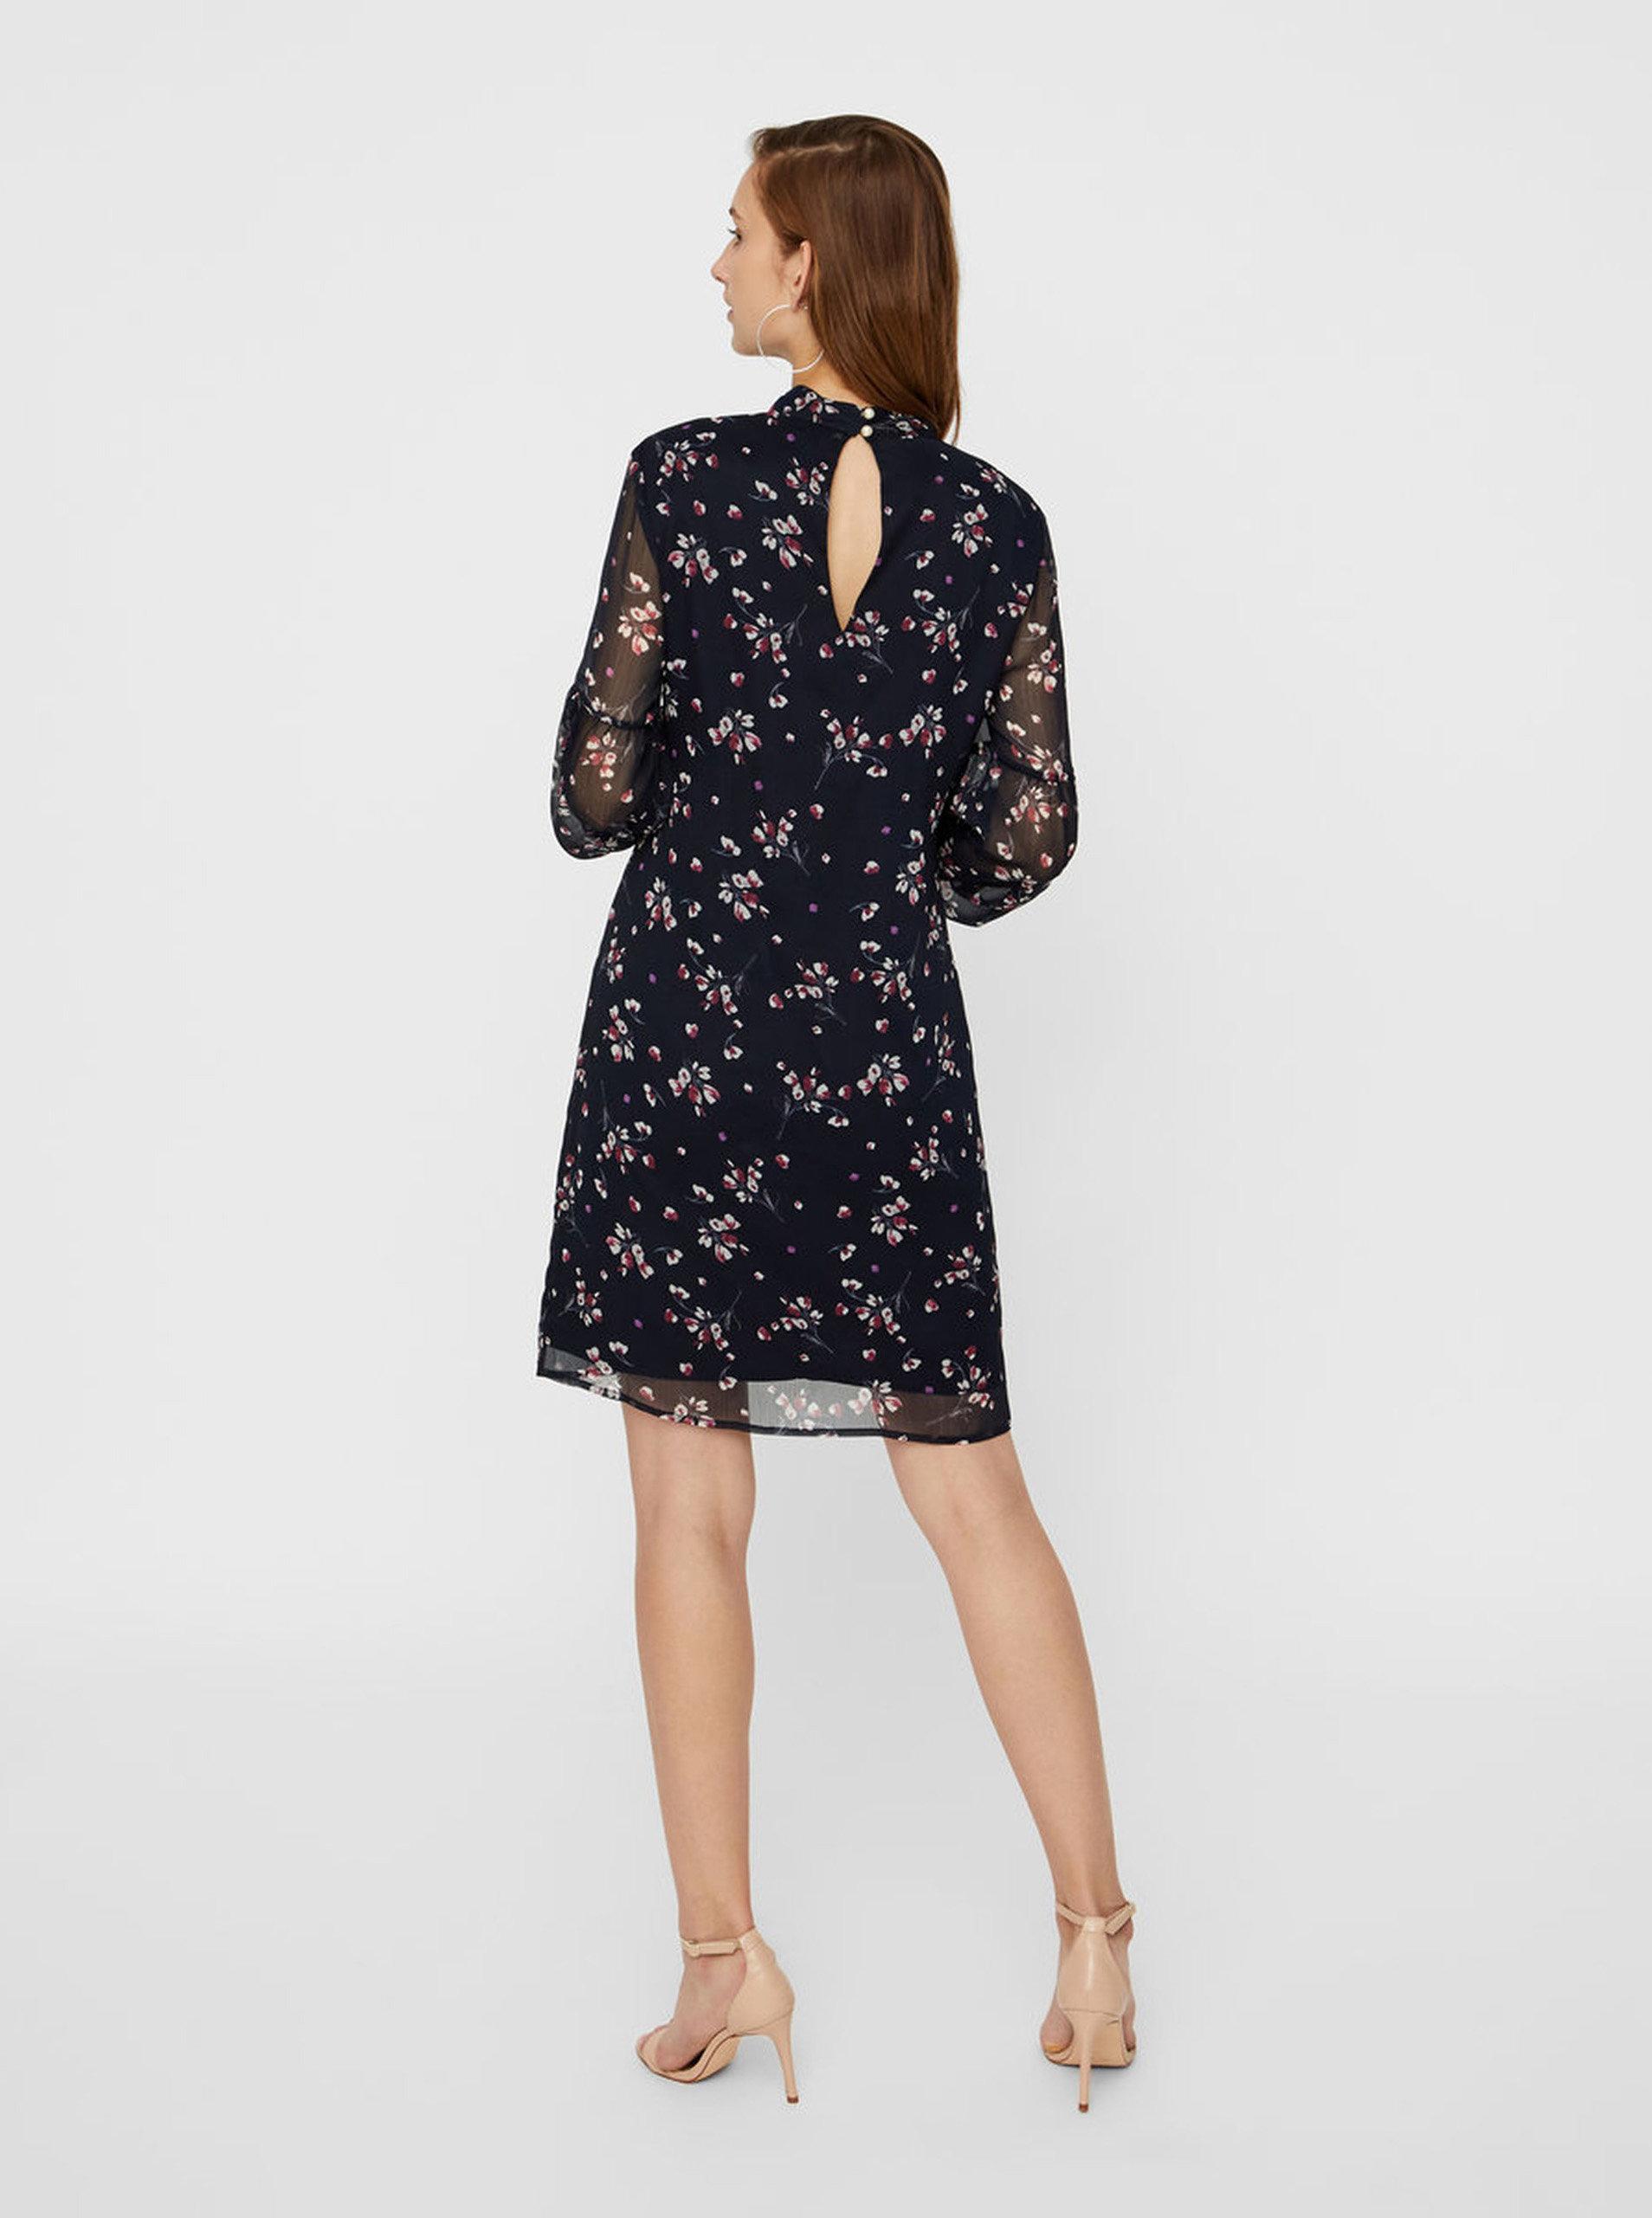 676edc8ef0 Tmavomodré kvetované šaty s dlhým rukávom VERO MODA ...